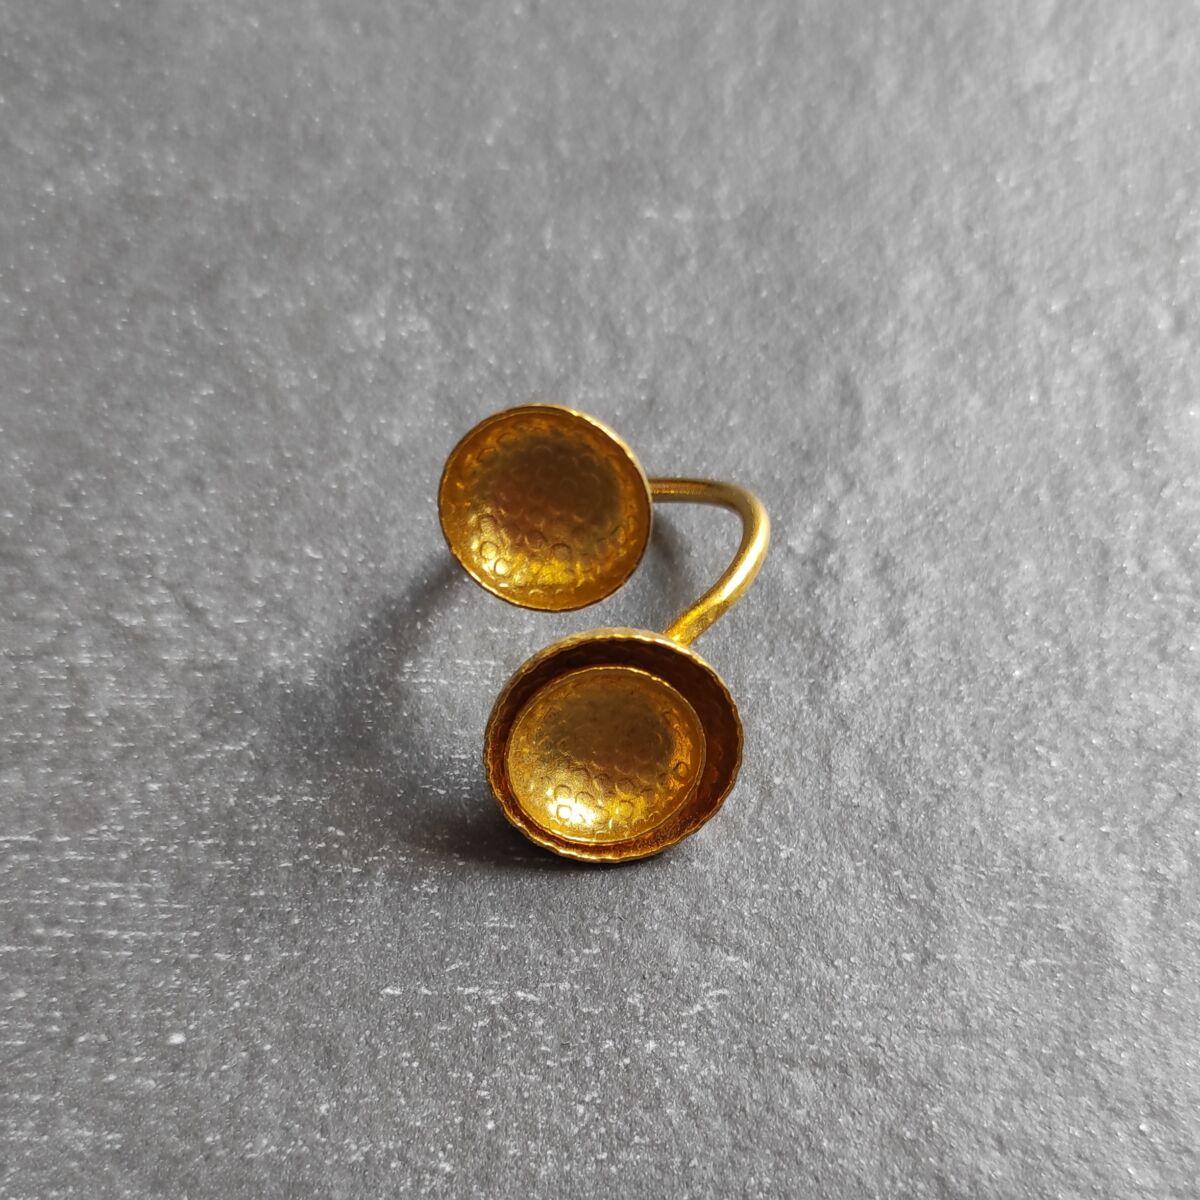 Διπλό χρυσό δαχτυλίδι Αξεσουάρ Ρούχα αξεσουάρ